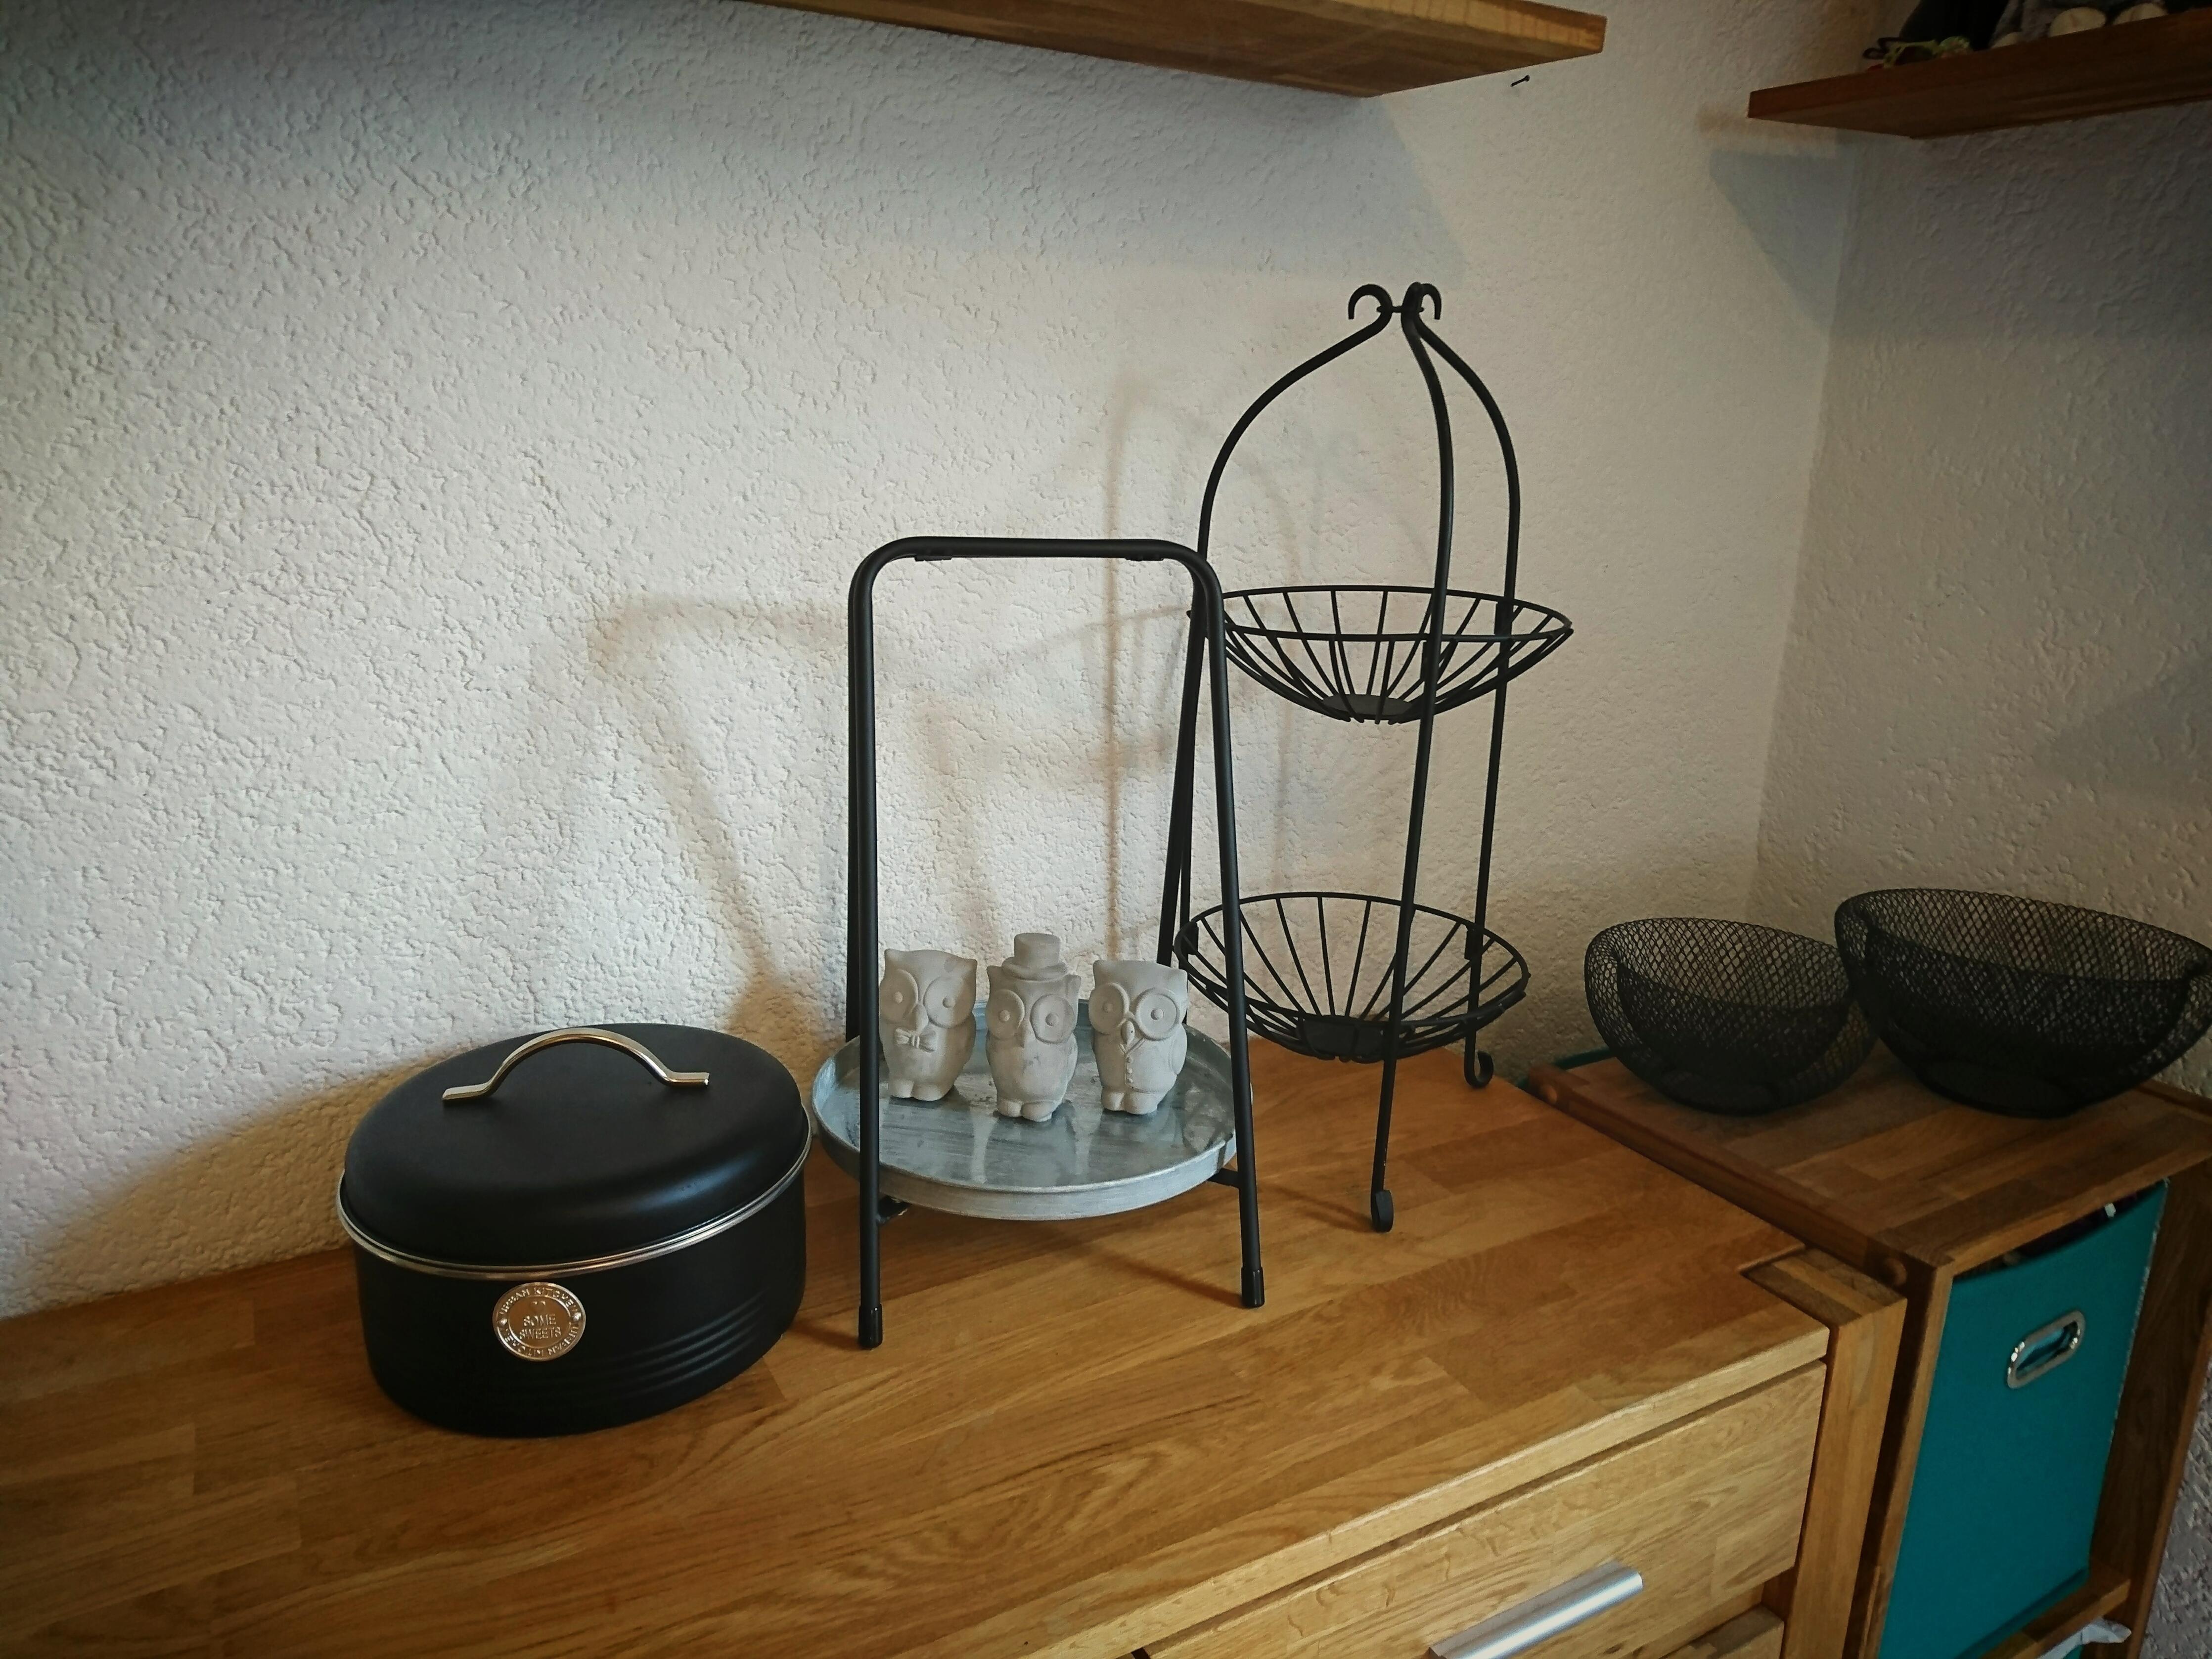 Küchendeko :) #küche #eiche #holz #schwarz #eulen .....